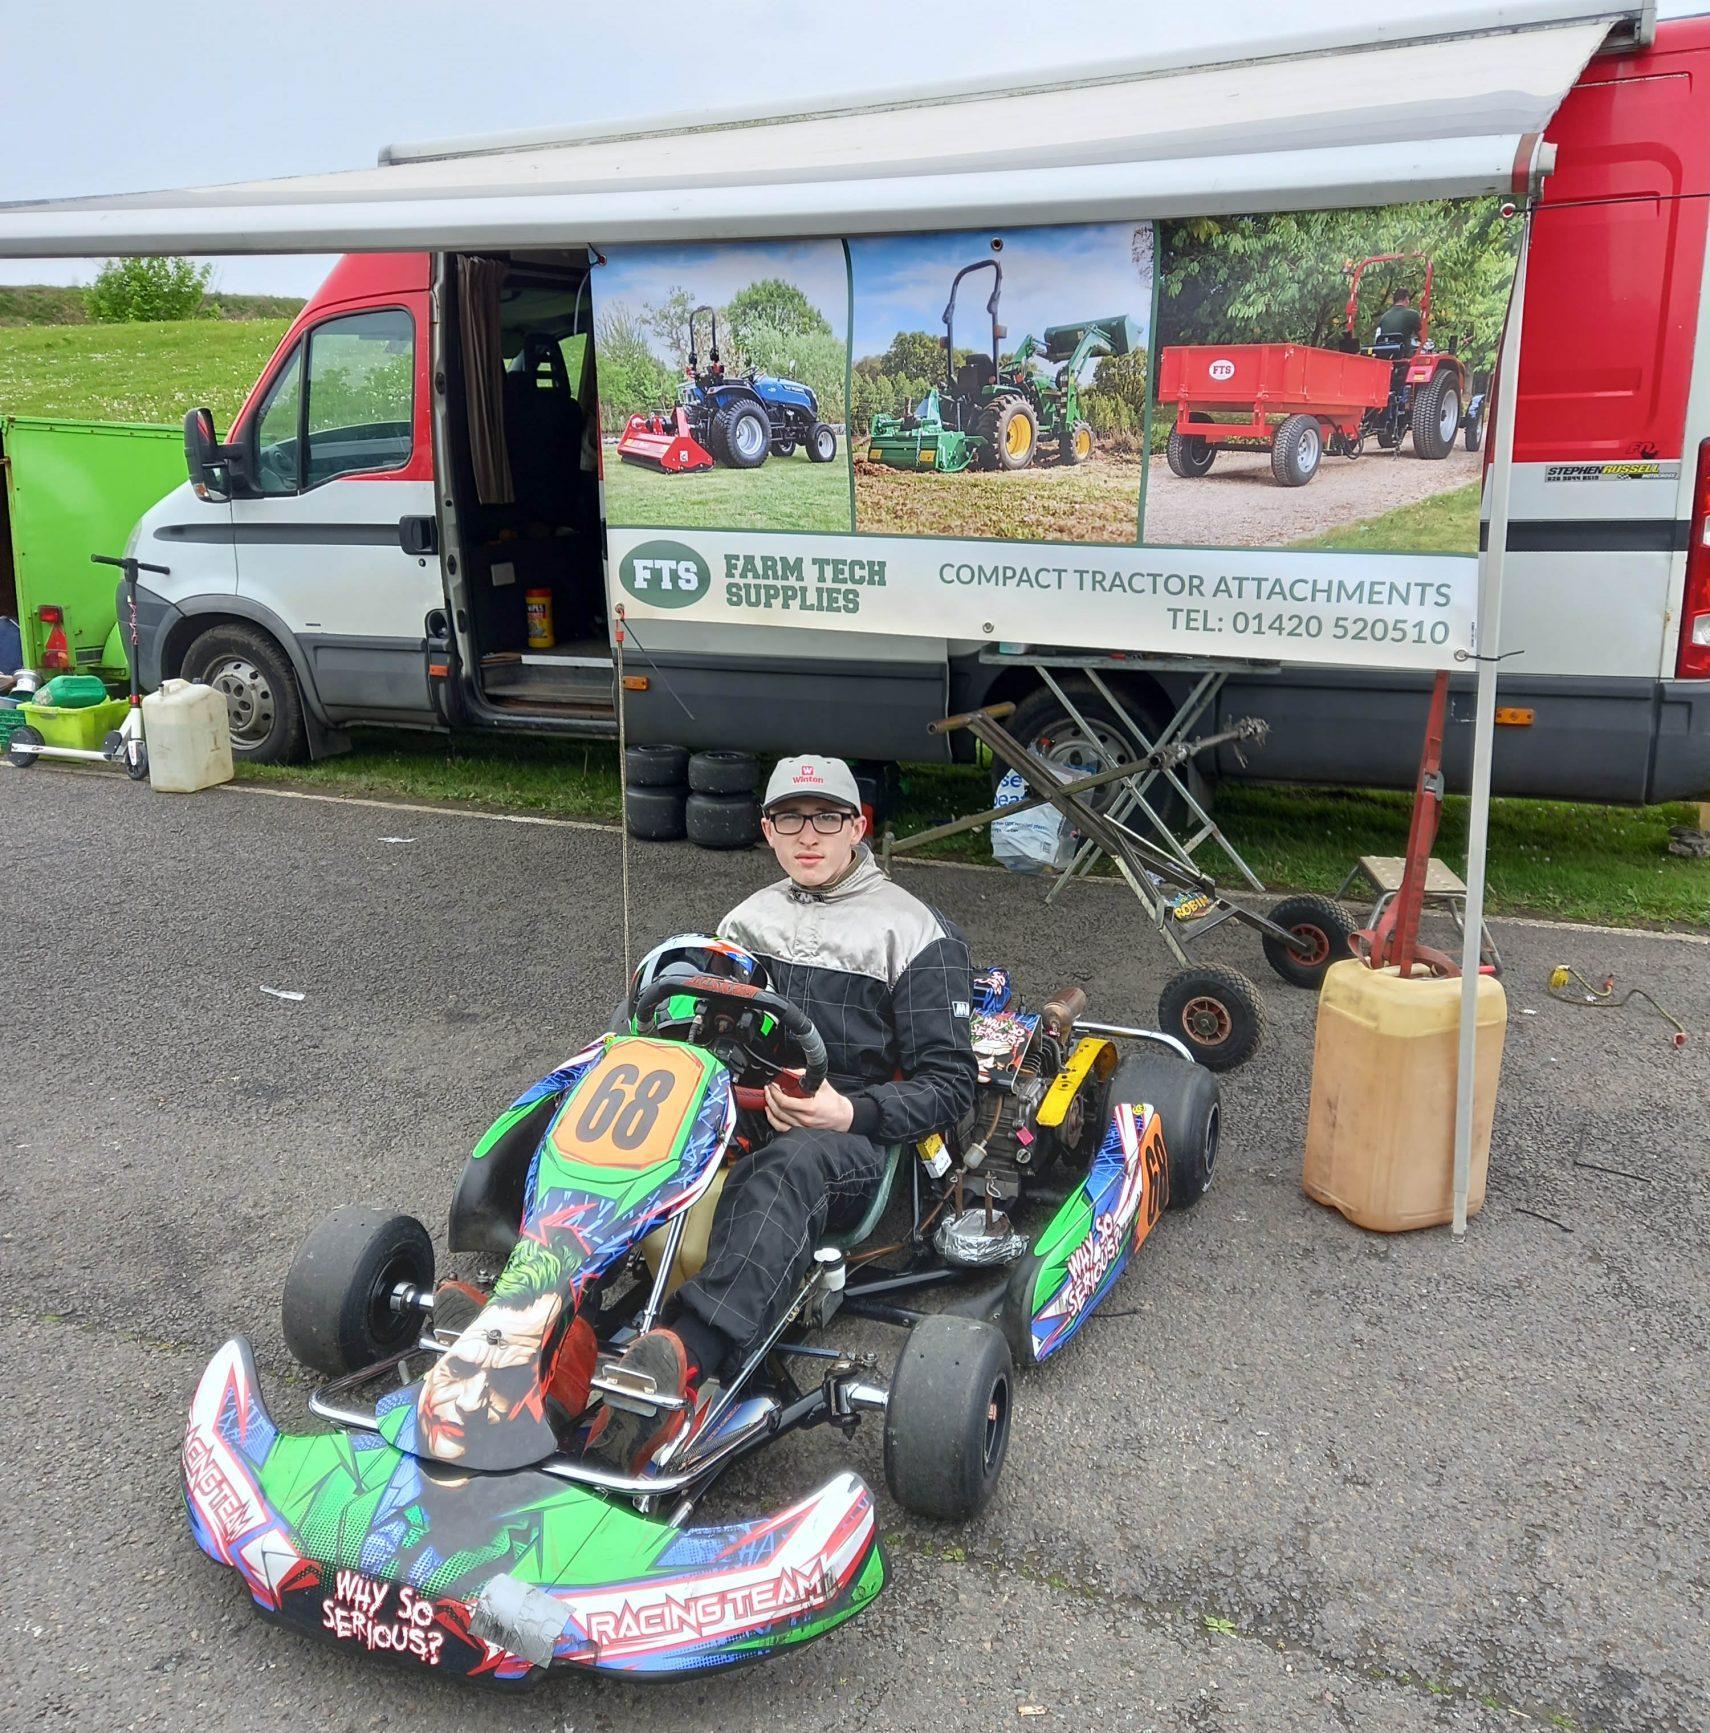 Why So Serious Go-Kart Race Team